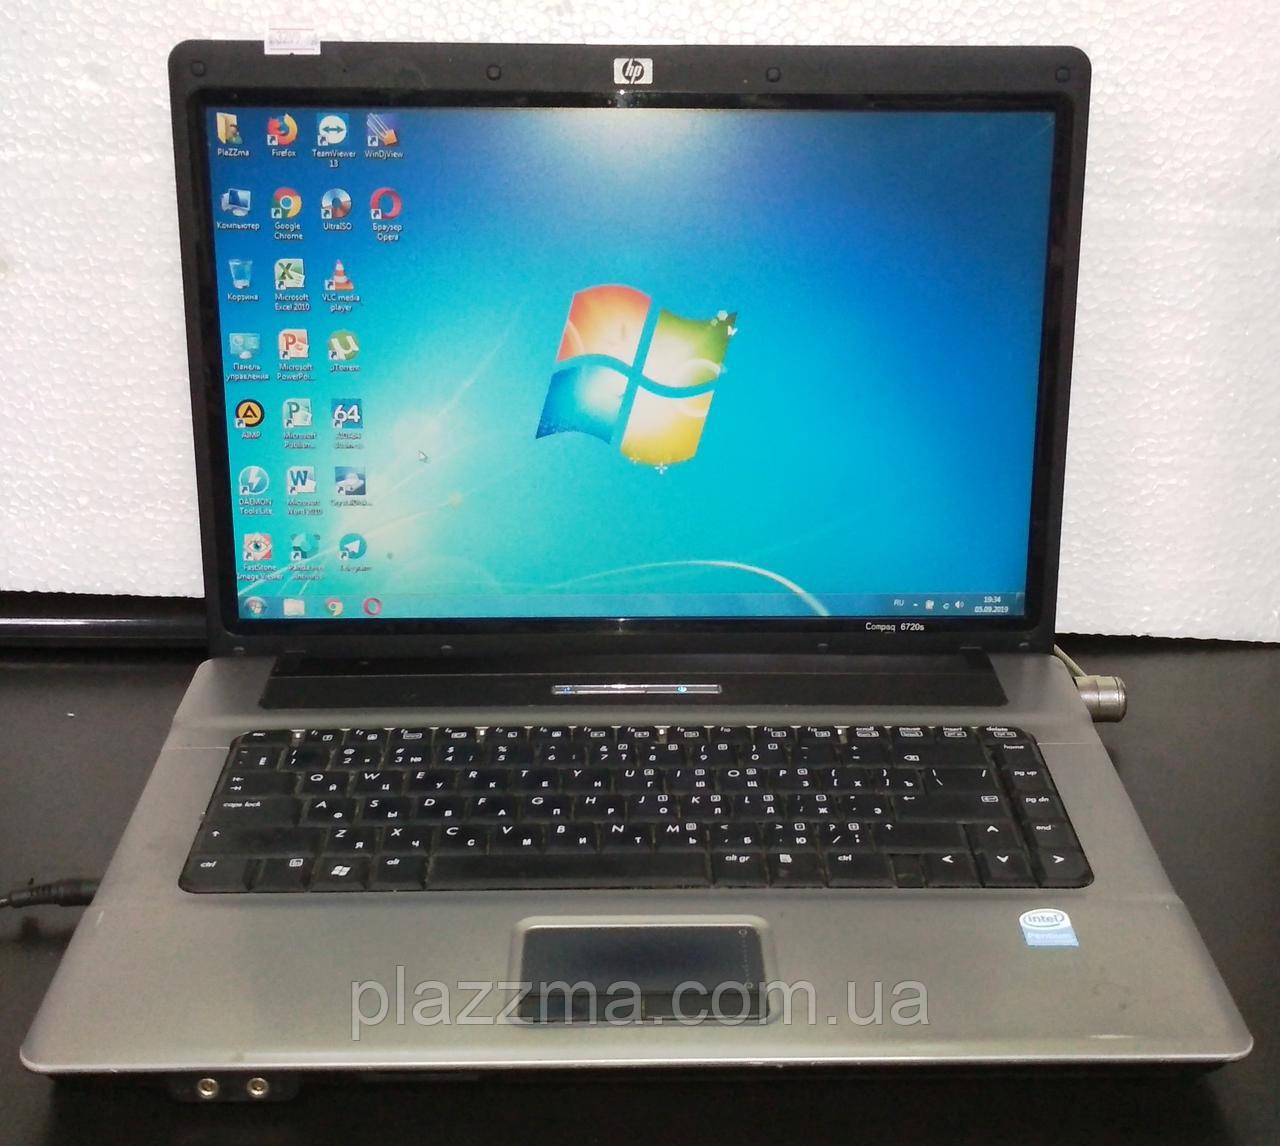 Ноутбук HP Compaq 6720s с гарантией от магазина!